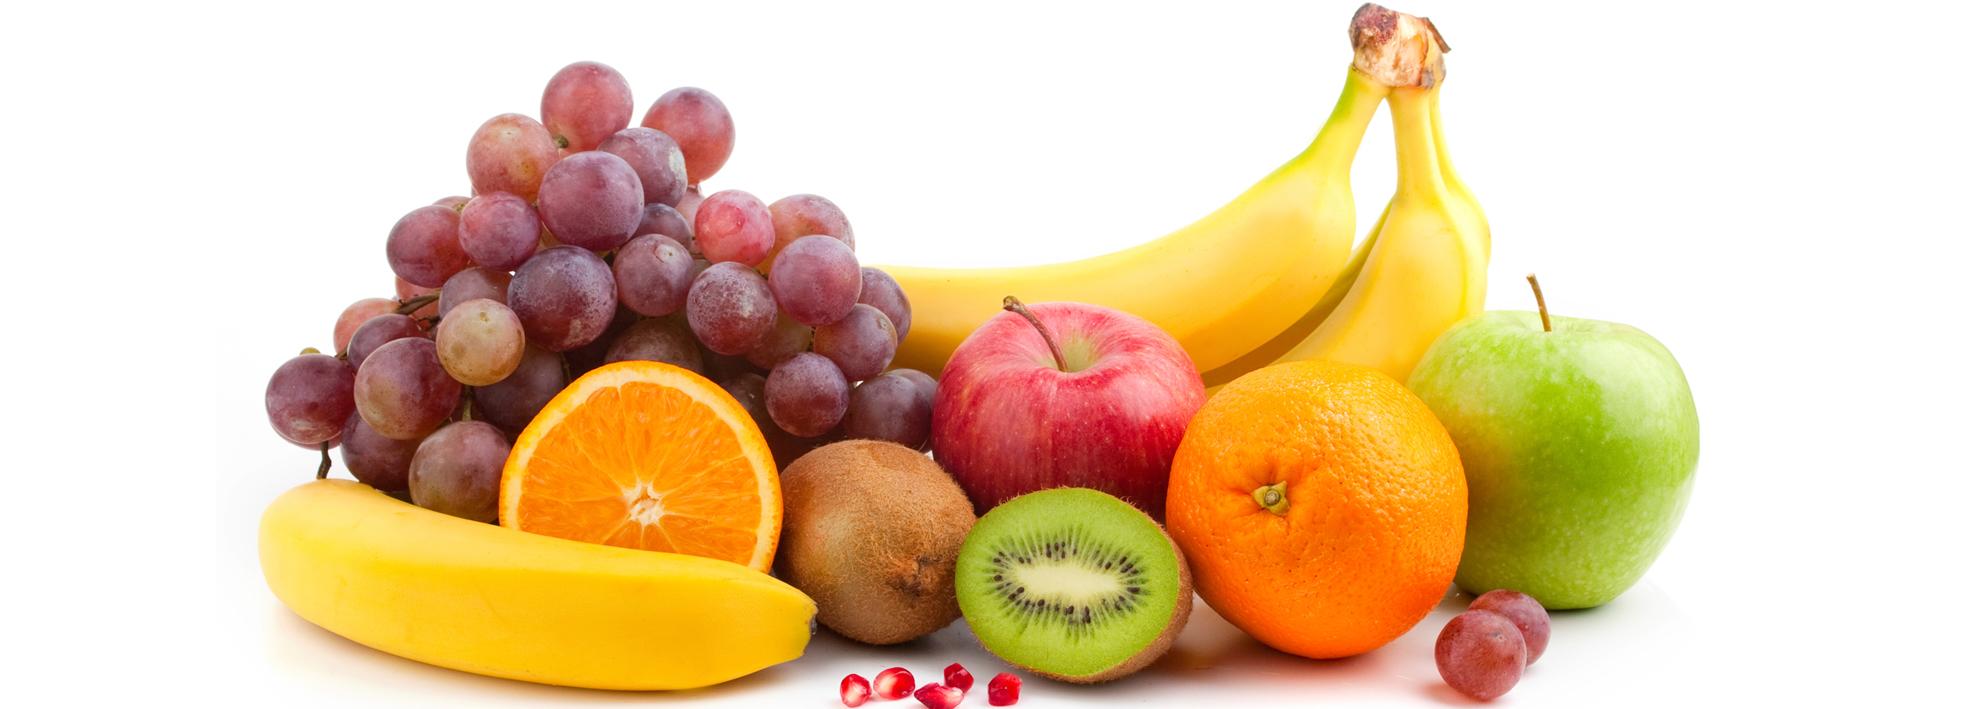 frukt.jpg